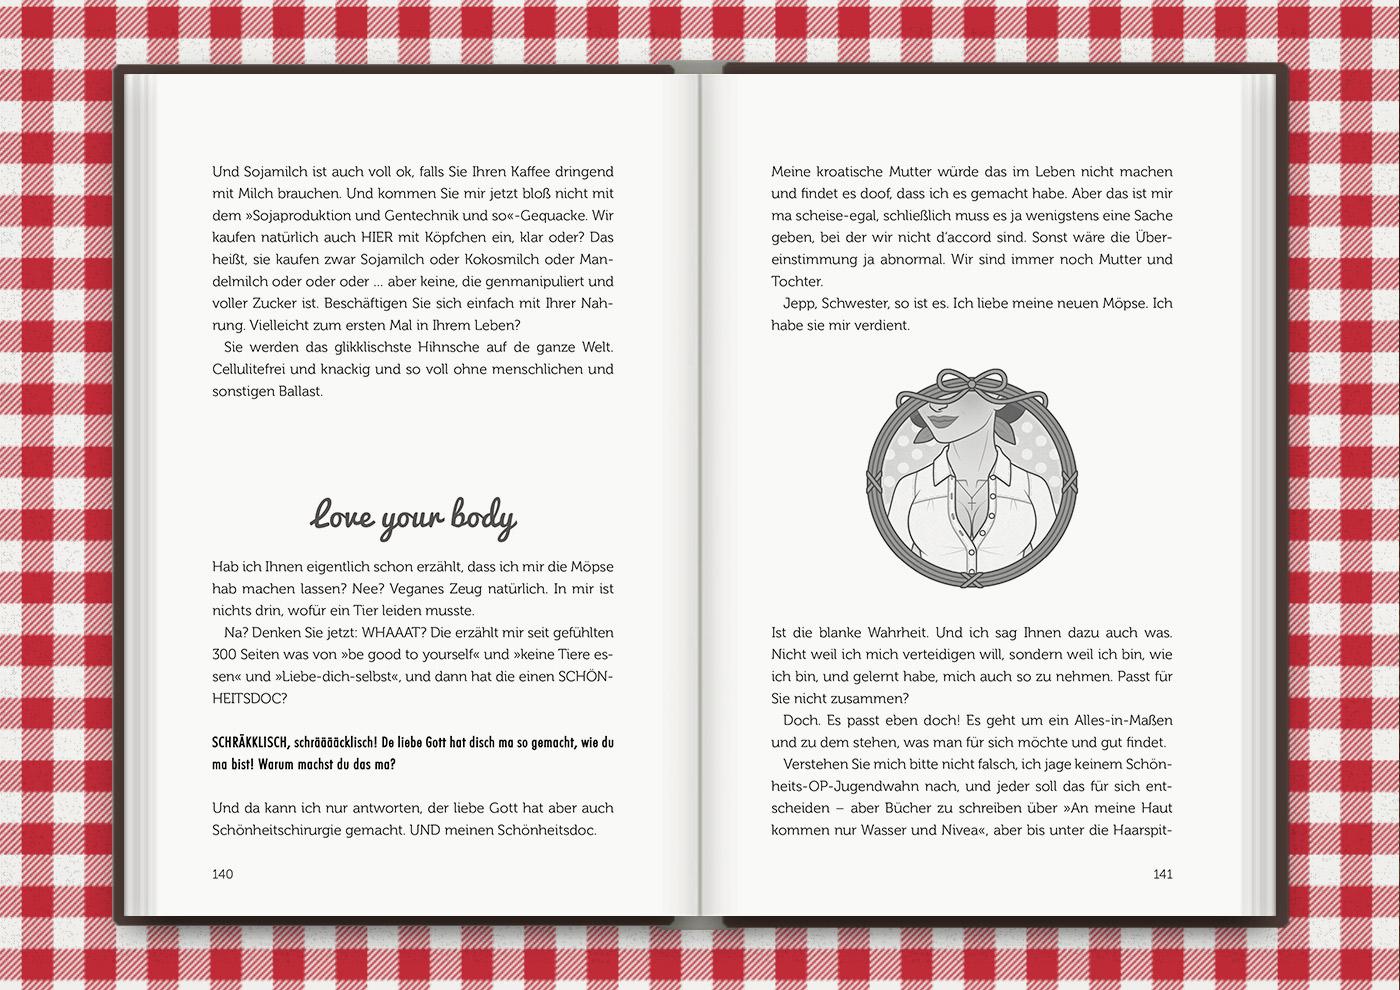 Mimi Fiedlers neue Brüste, für das Buch Brauchsu keine Doktor, brauchsu nur diese Buch – Die Balkantherapie für Liebe, Leib und Leben von Mimi Fiedler im MVG Verlag